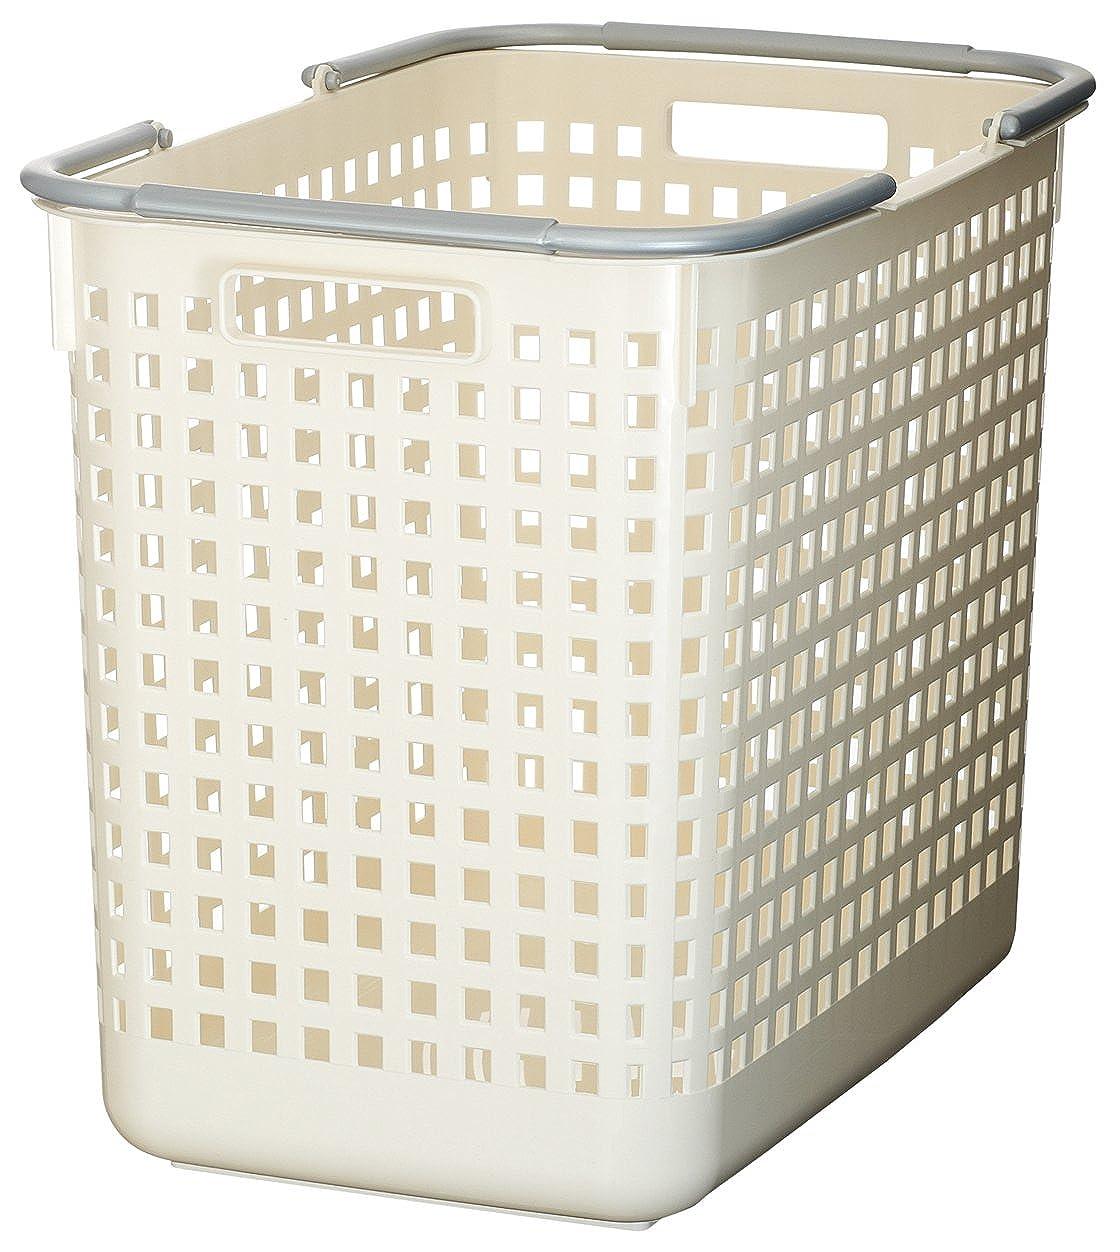 トラフ驚いたよく話されるlike-it バスケット ランドリー L スカンジナビアスタイル ホワイト 幅31x奥47.5x高39.3cm SCB-5